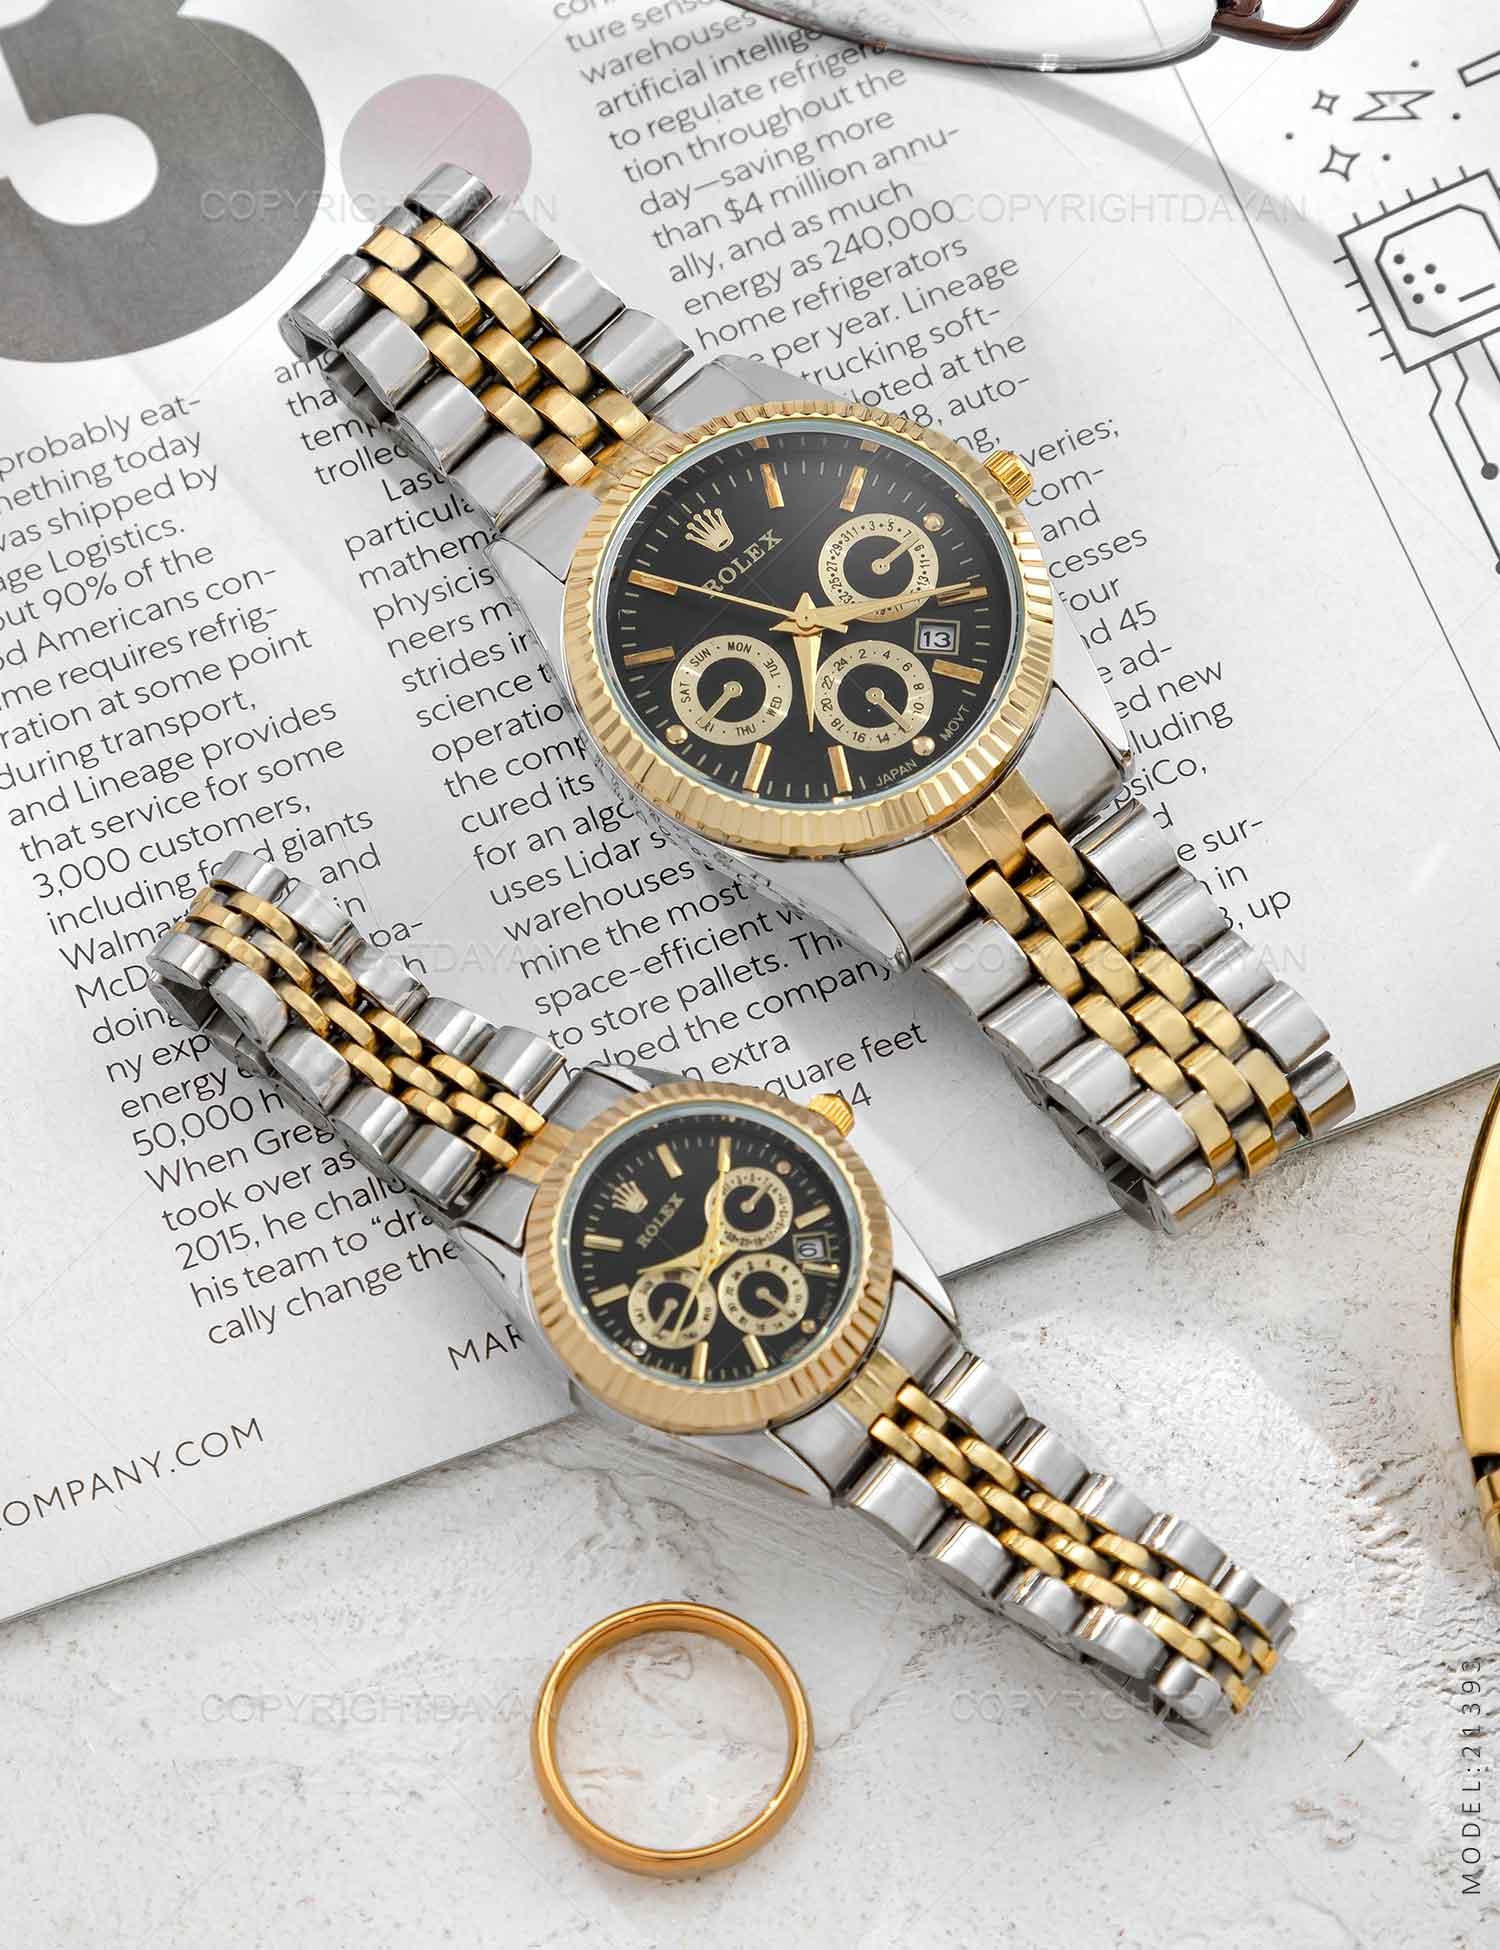 ست ساعت مچی Rolex مدل 21393 ست ساعت مچی Rolex مدل 21393 279,000 تومان